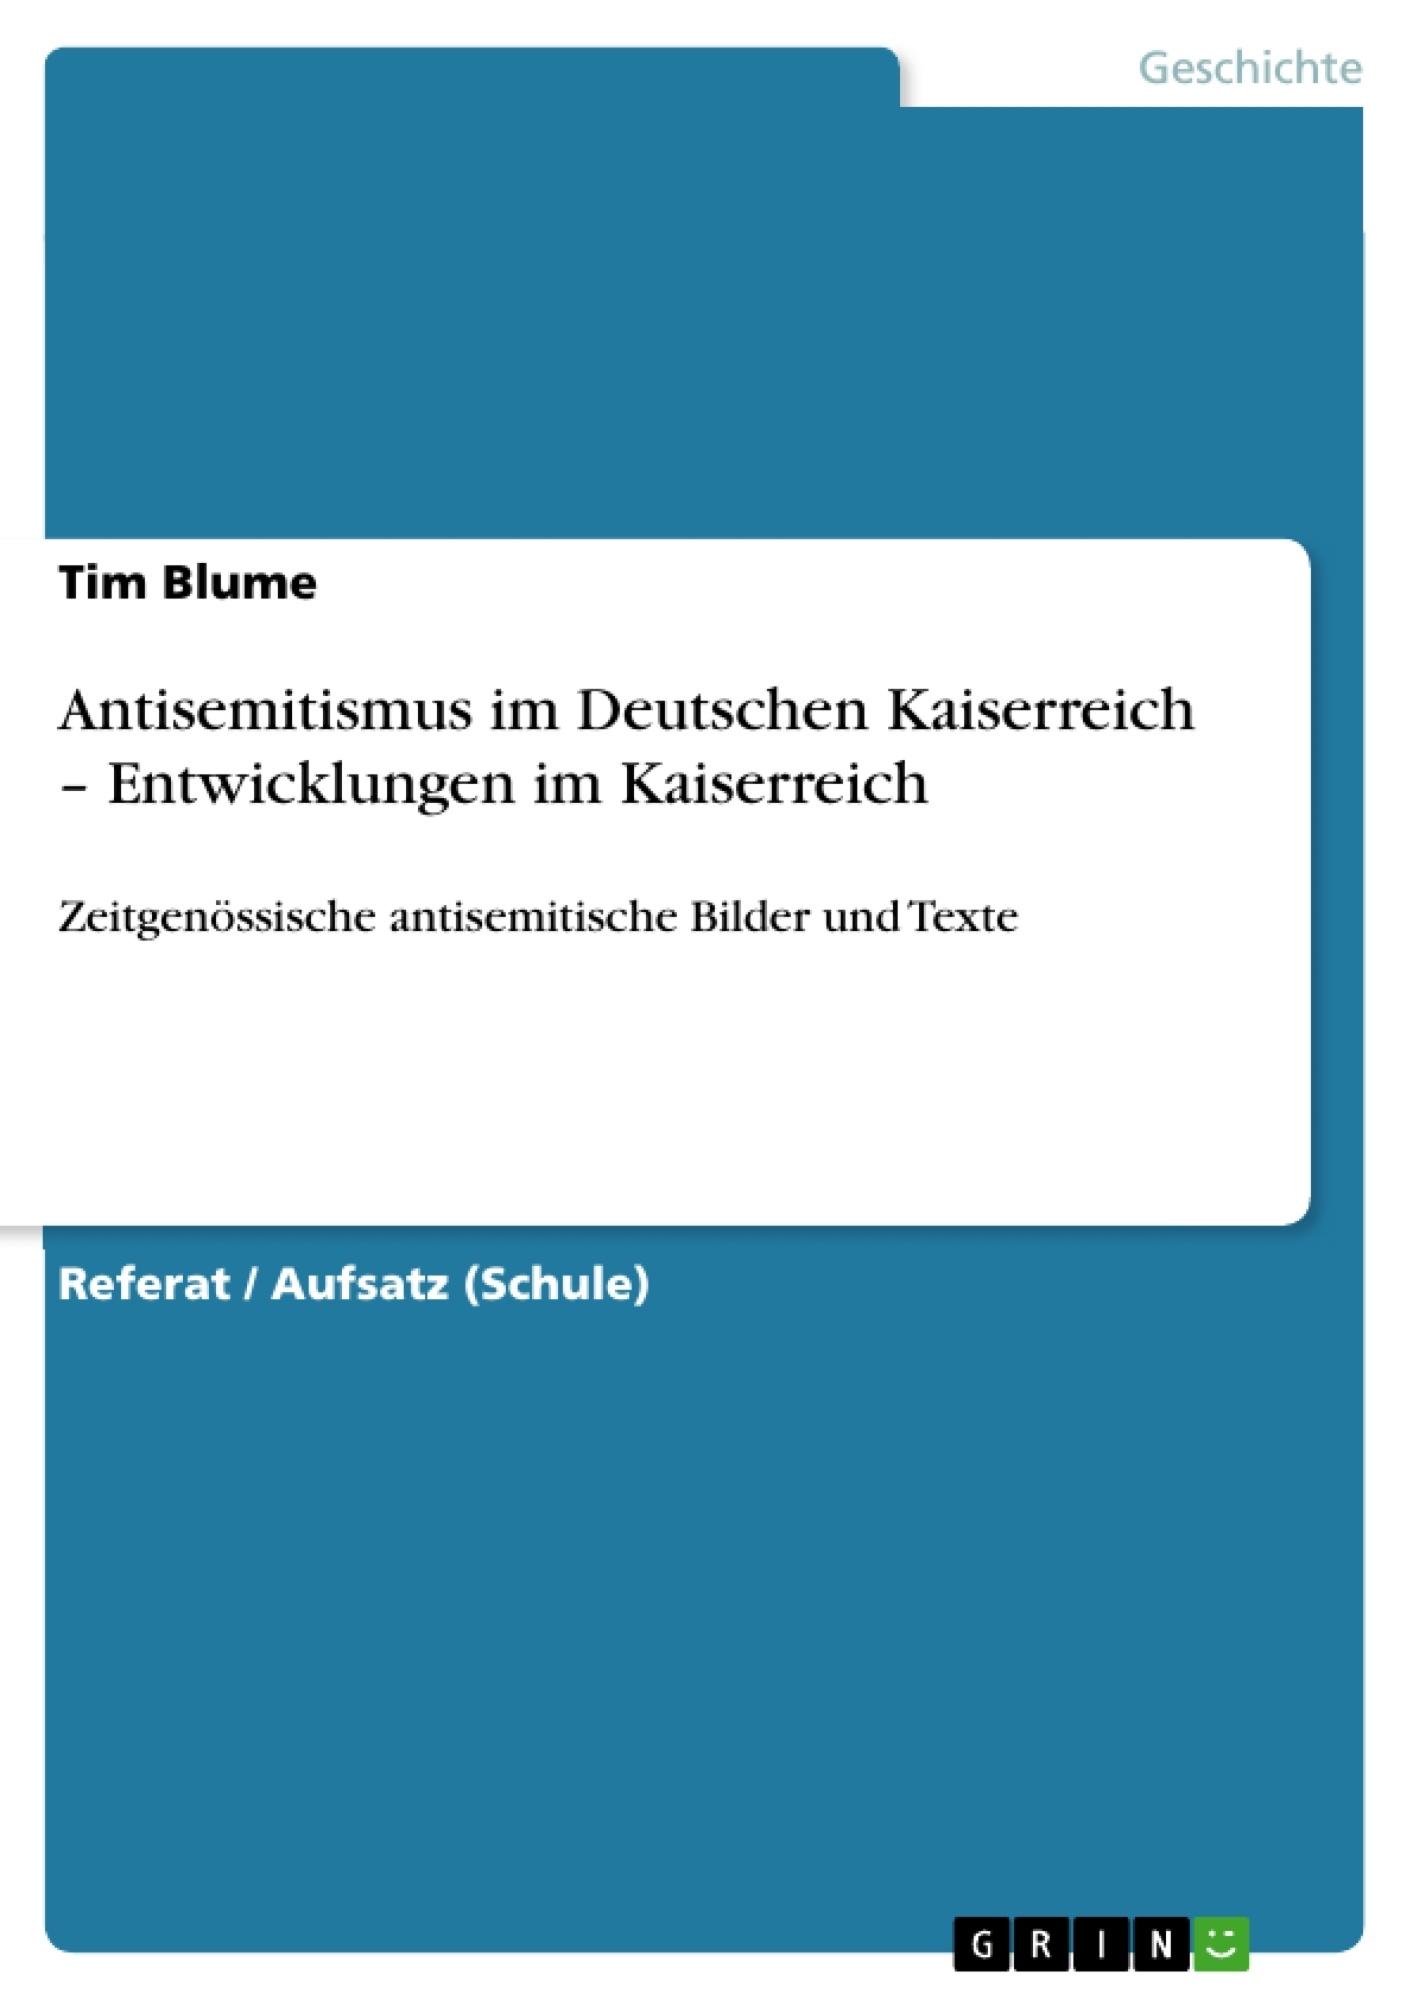 Titel: Antisemitismus im Deutschen Kaiserreich – Entwicklungen im Kaiserreich